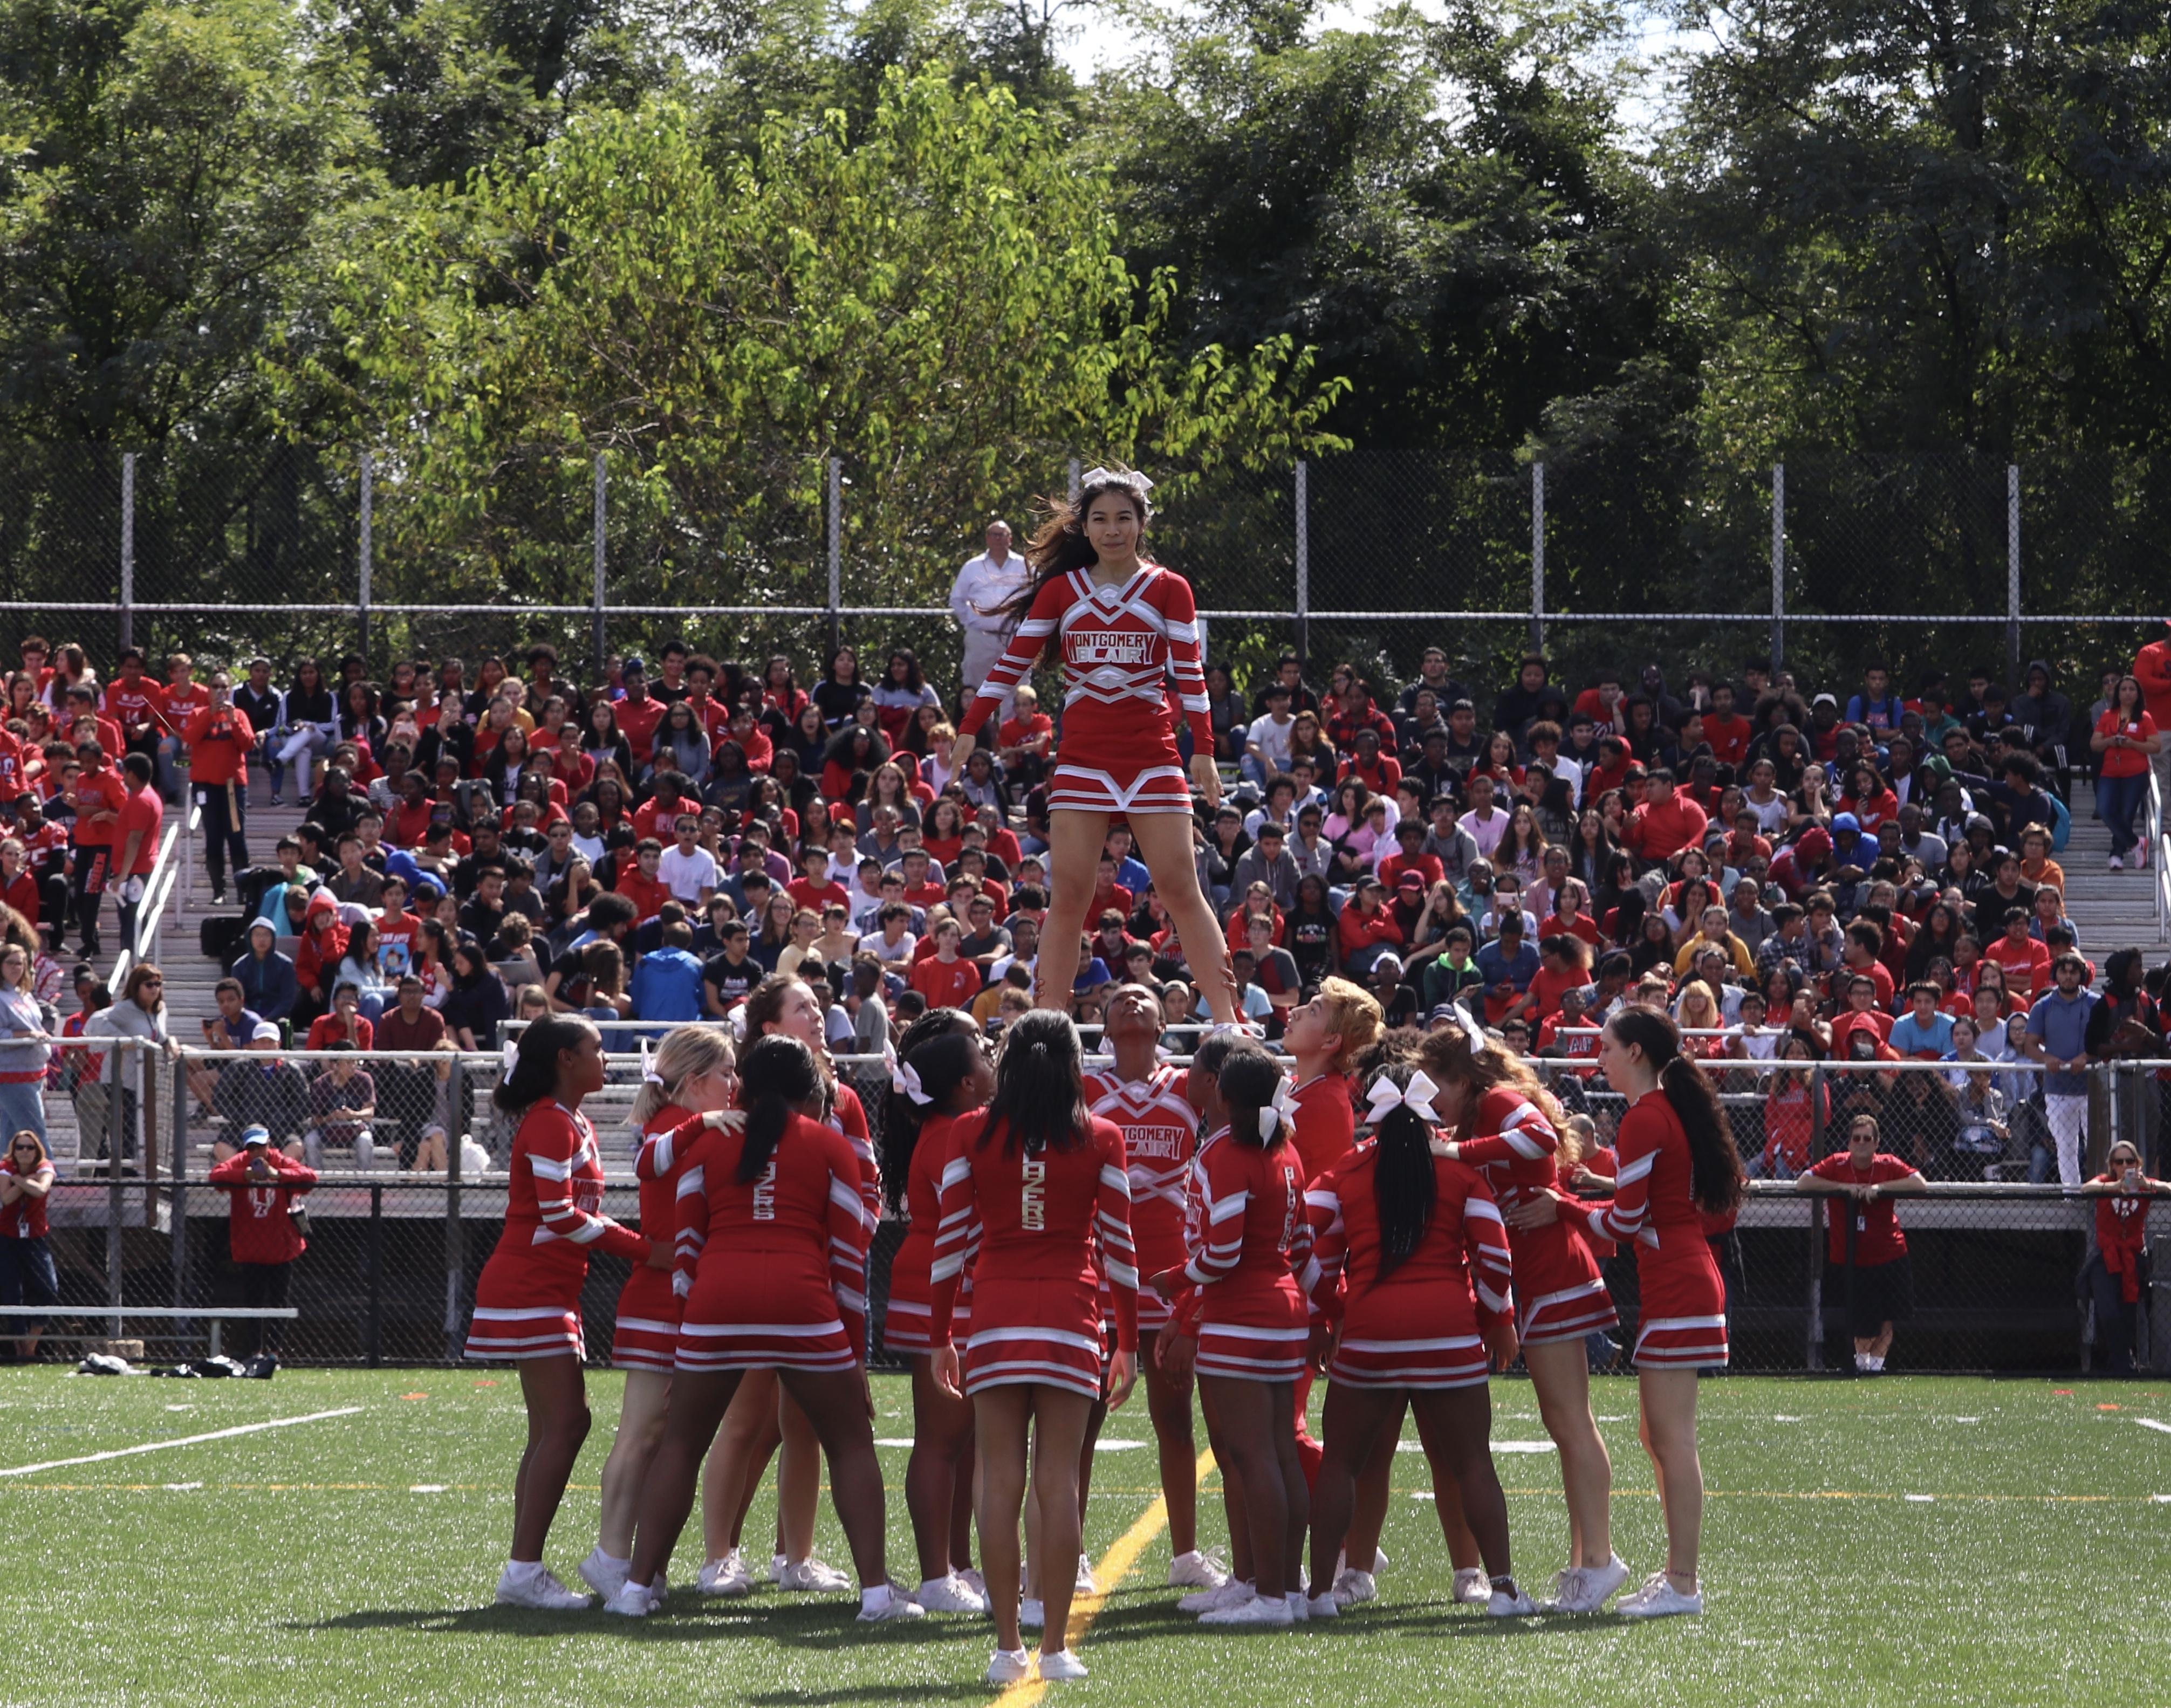 Blair cheer spirit shines through despite loss at the County Cheer Championships